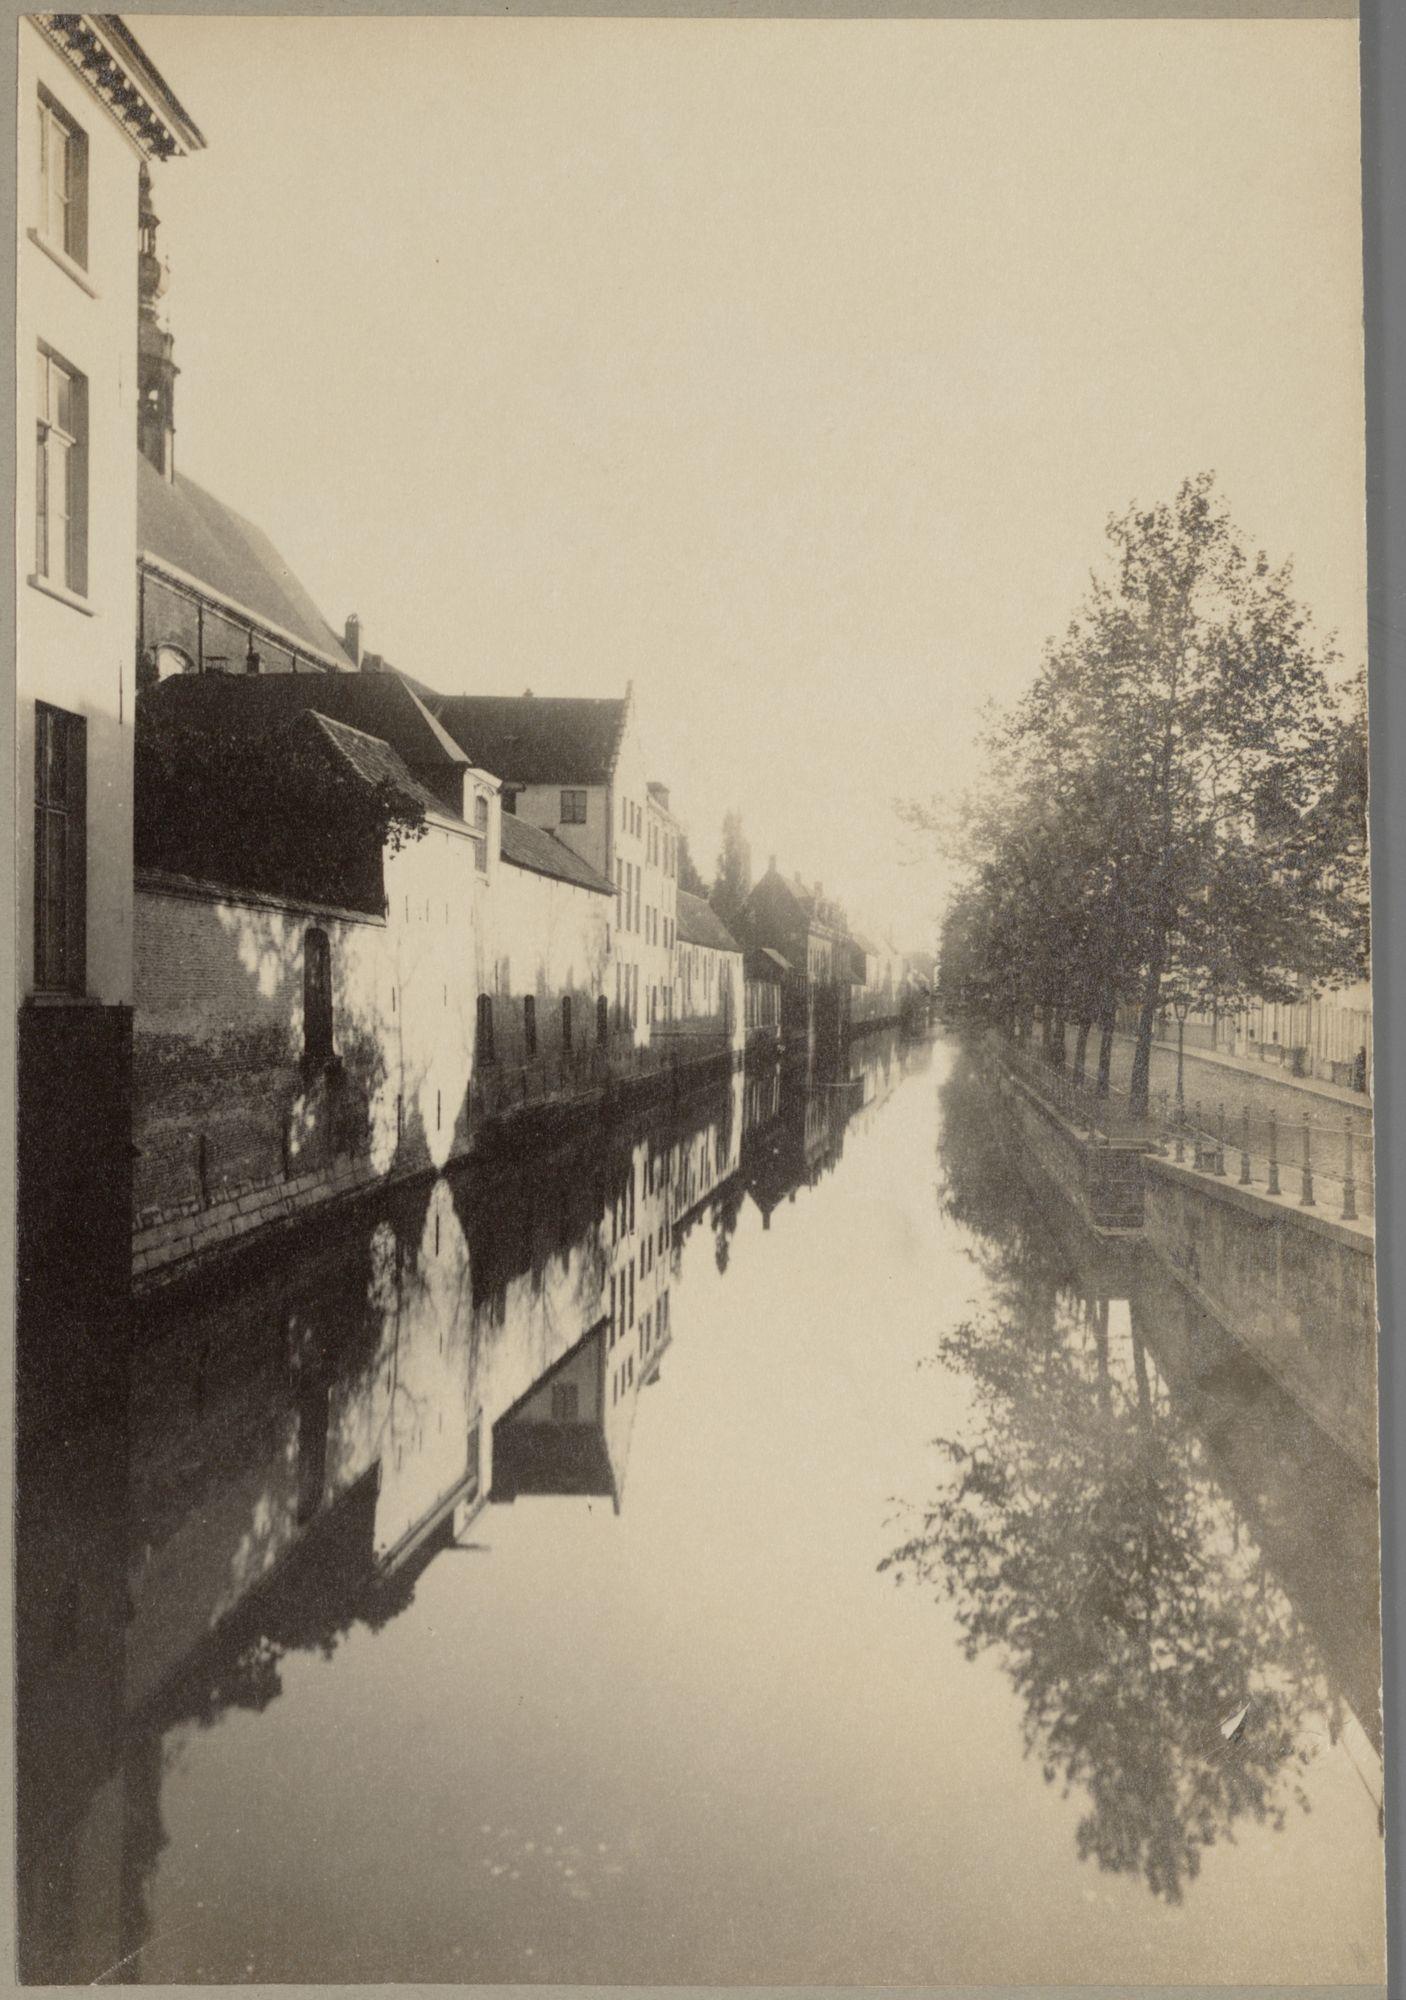 Gent: Oude Houtlei voor de demping, gezien vanaf de Torenbrug